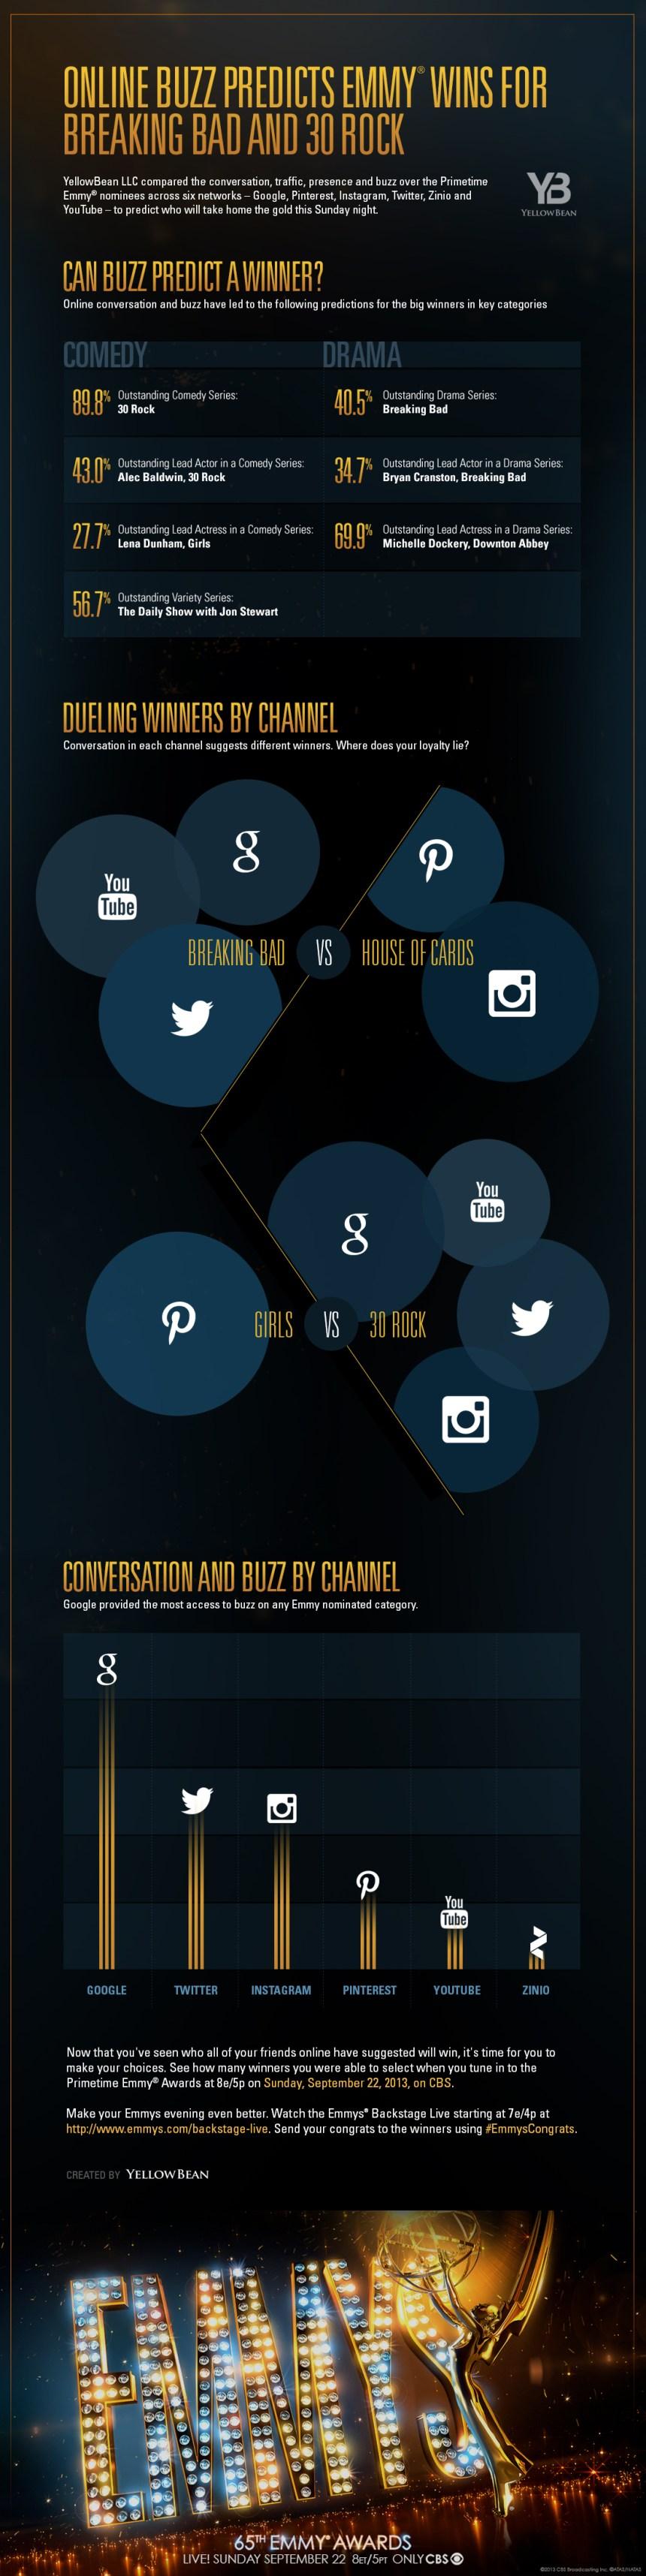 Predicciones en Redes Sociales sobre los Emmy 2013